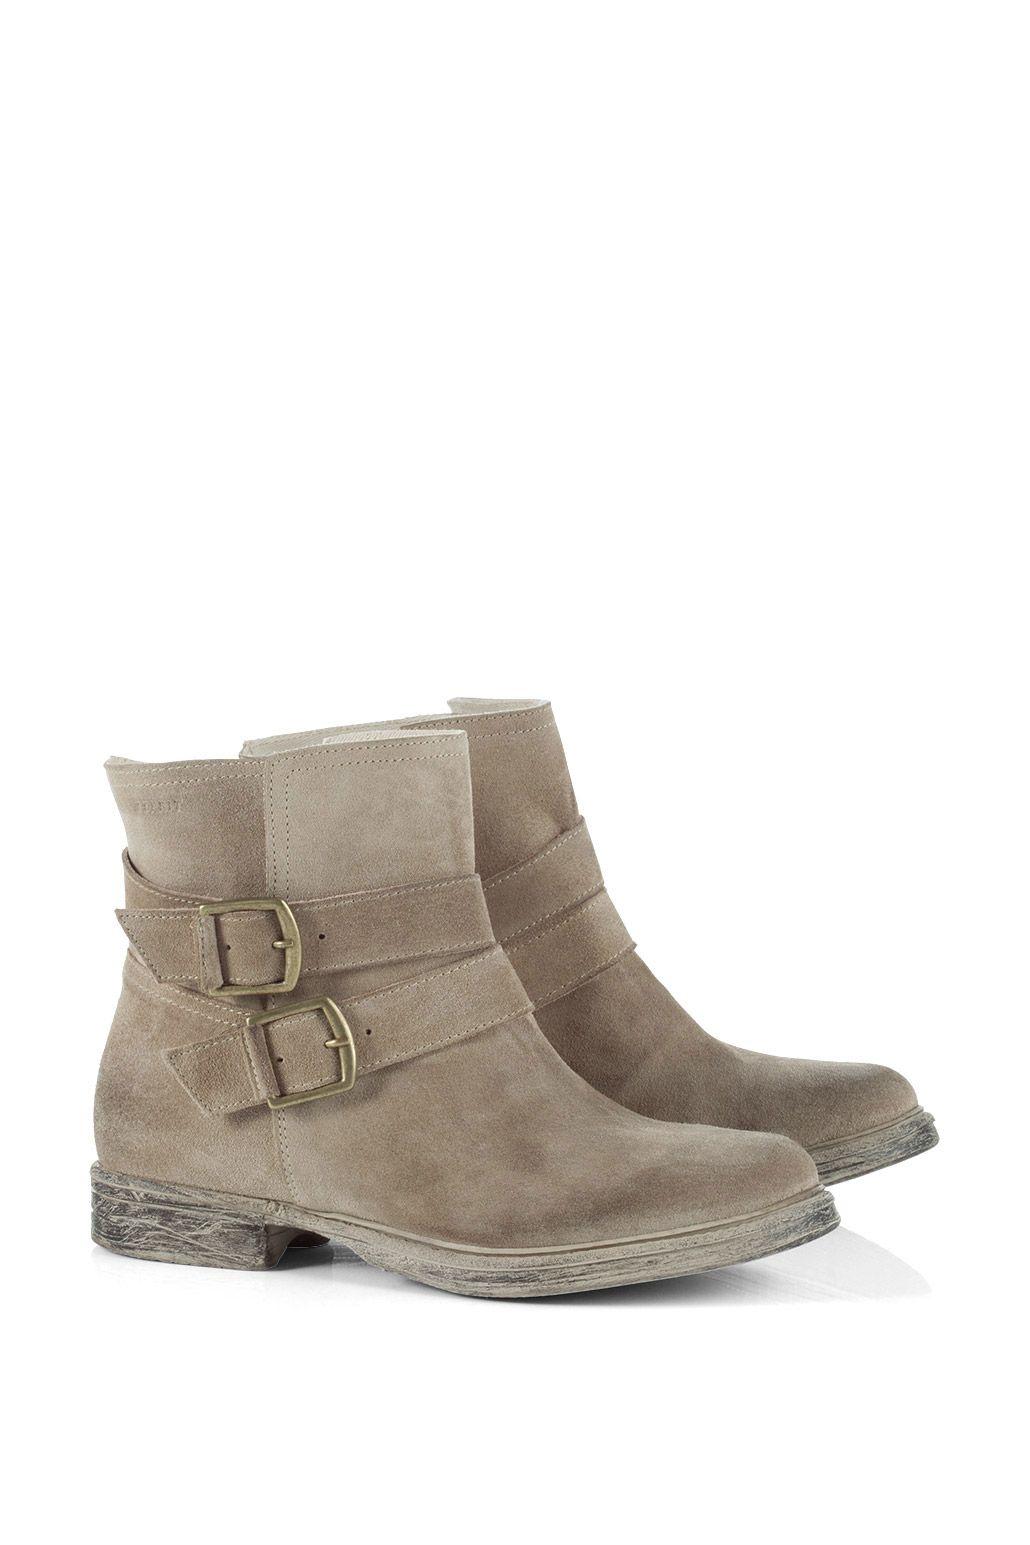 winterschoenen online kopen